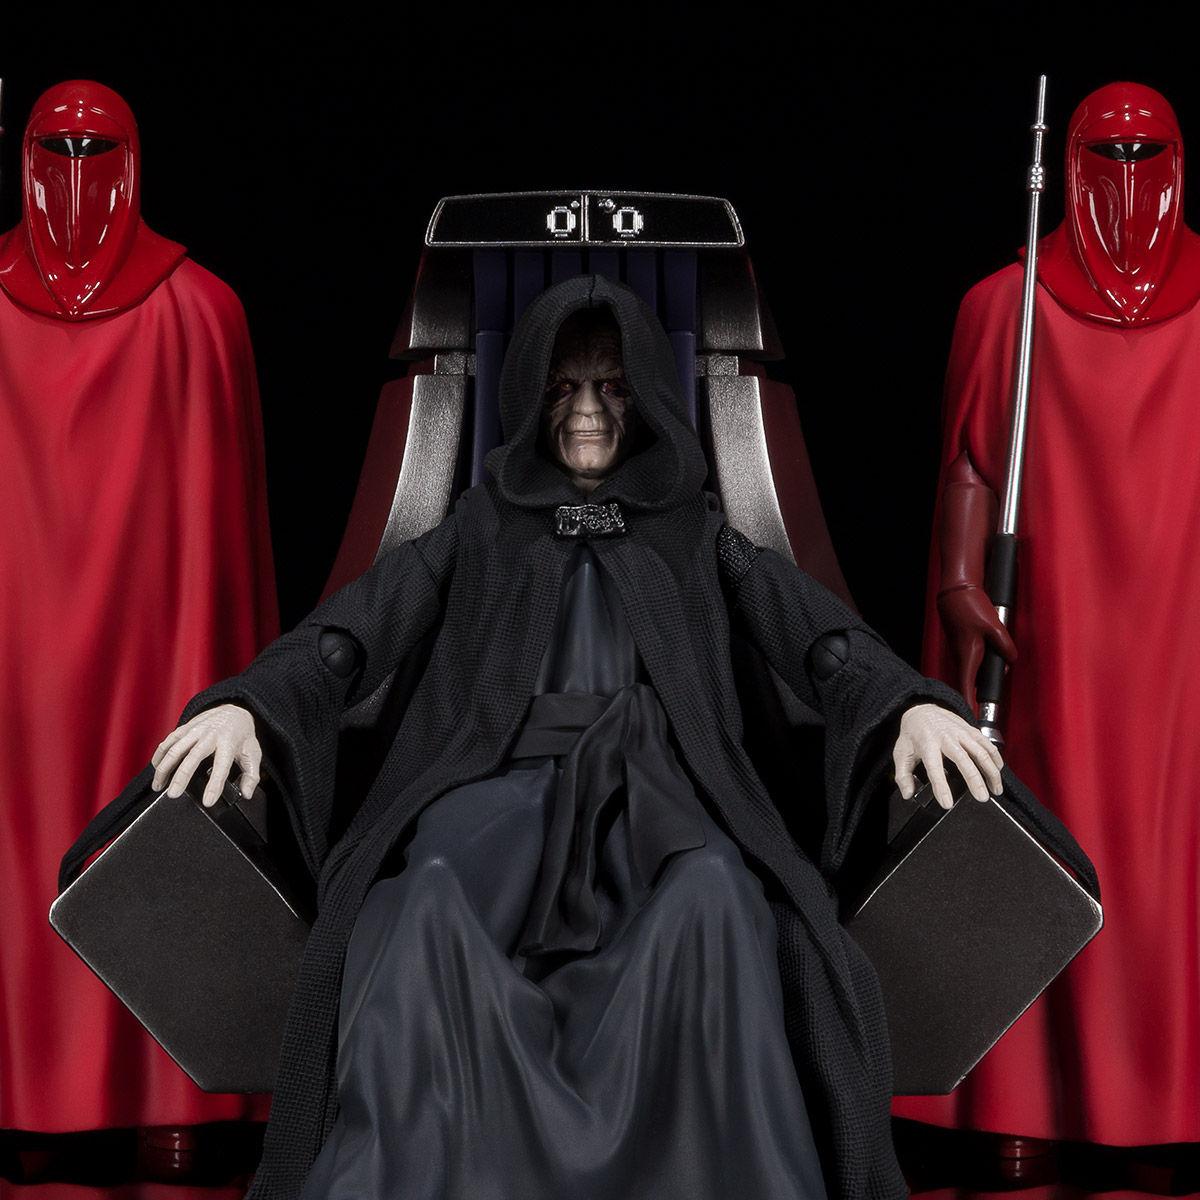 【限定販売】S.H.Figuarts『パルパティーン皇帝 -Death Star II Throne Room Set-(STAR WARS:Return of the Jedi)』可動フィギュア-001